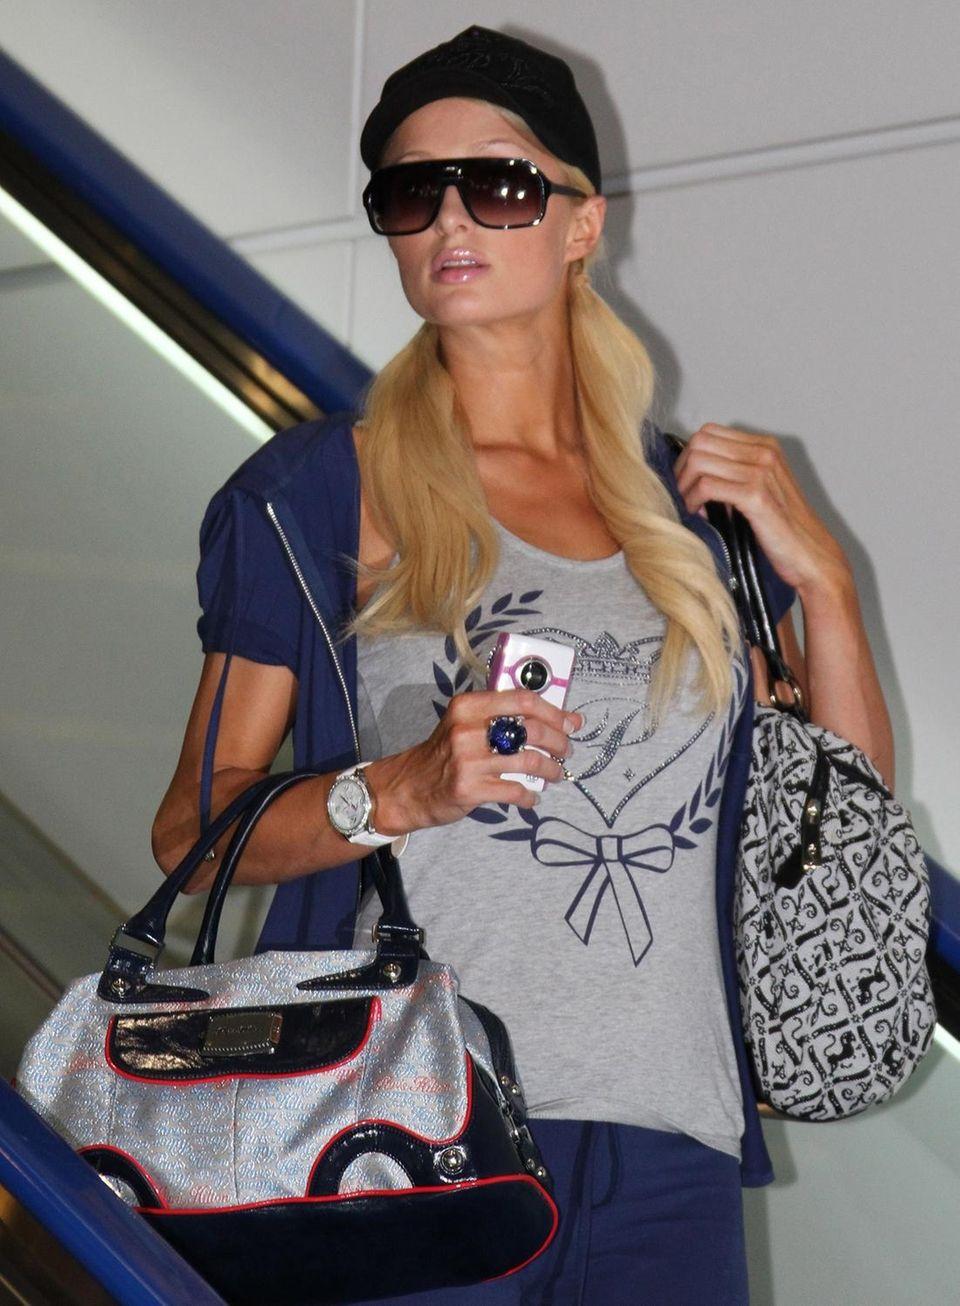 Socialite Paris Hilton arrives at a departure lounge